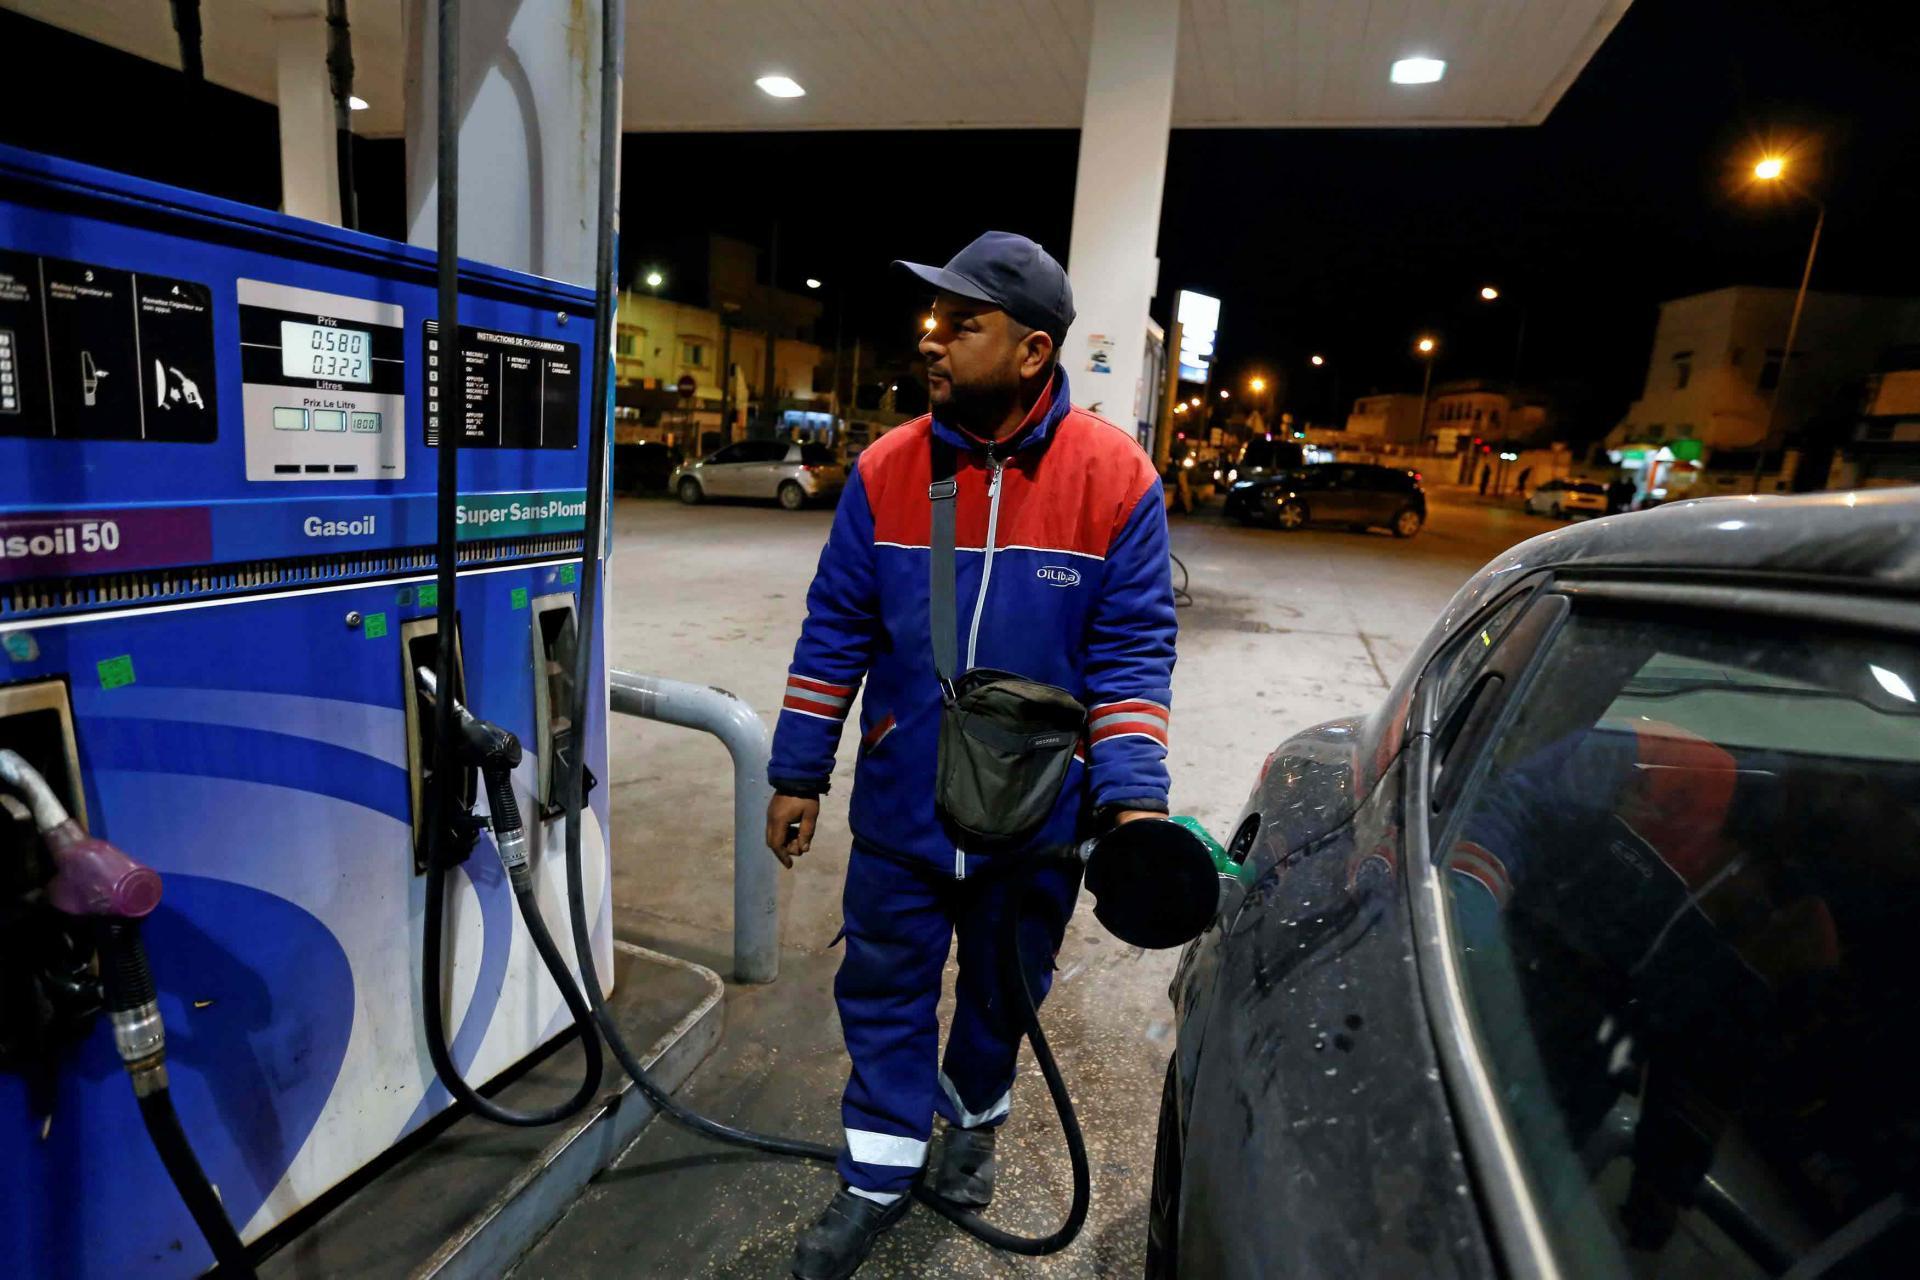 تونس ترفع أسعار الوقود لكبح عجز الميزانية